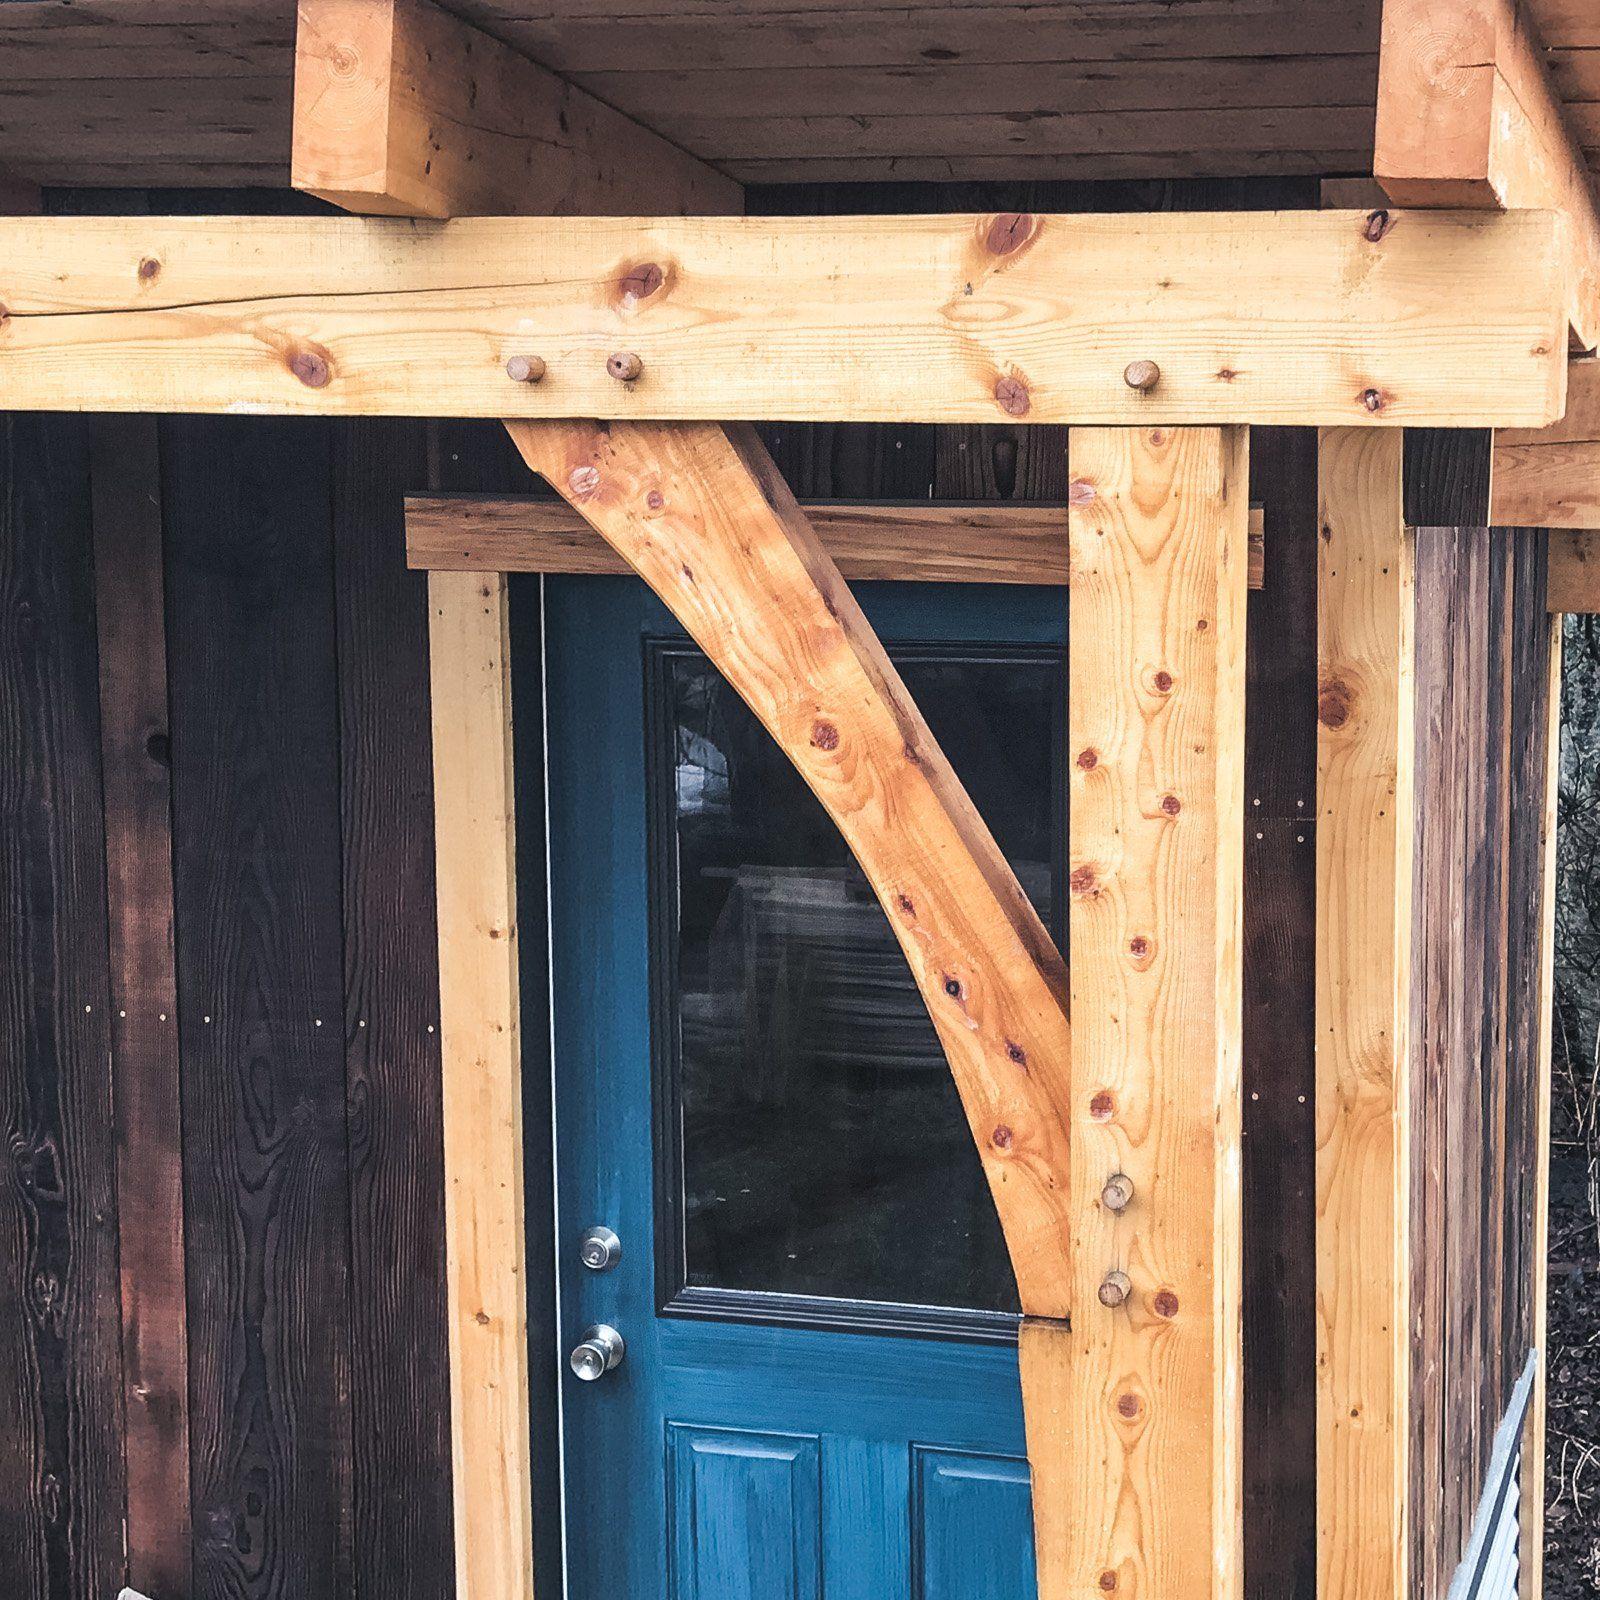 Sauna Spruce And Shou Sugi Ban Fir In 2020 Sauna Shou Sugi Ban Cabin Plans With Loft